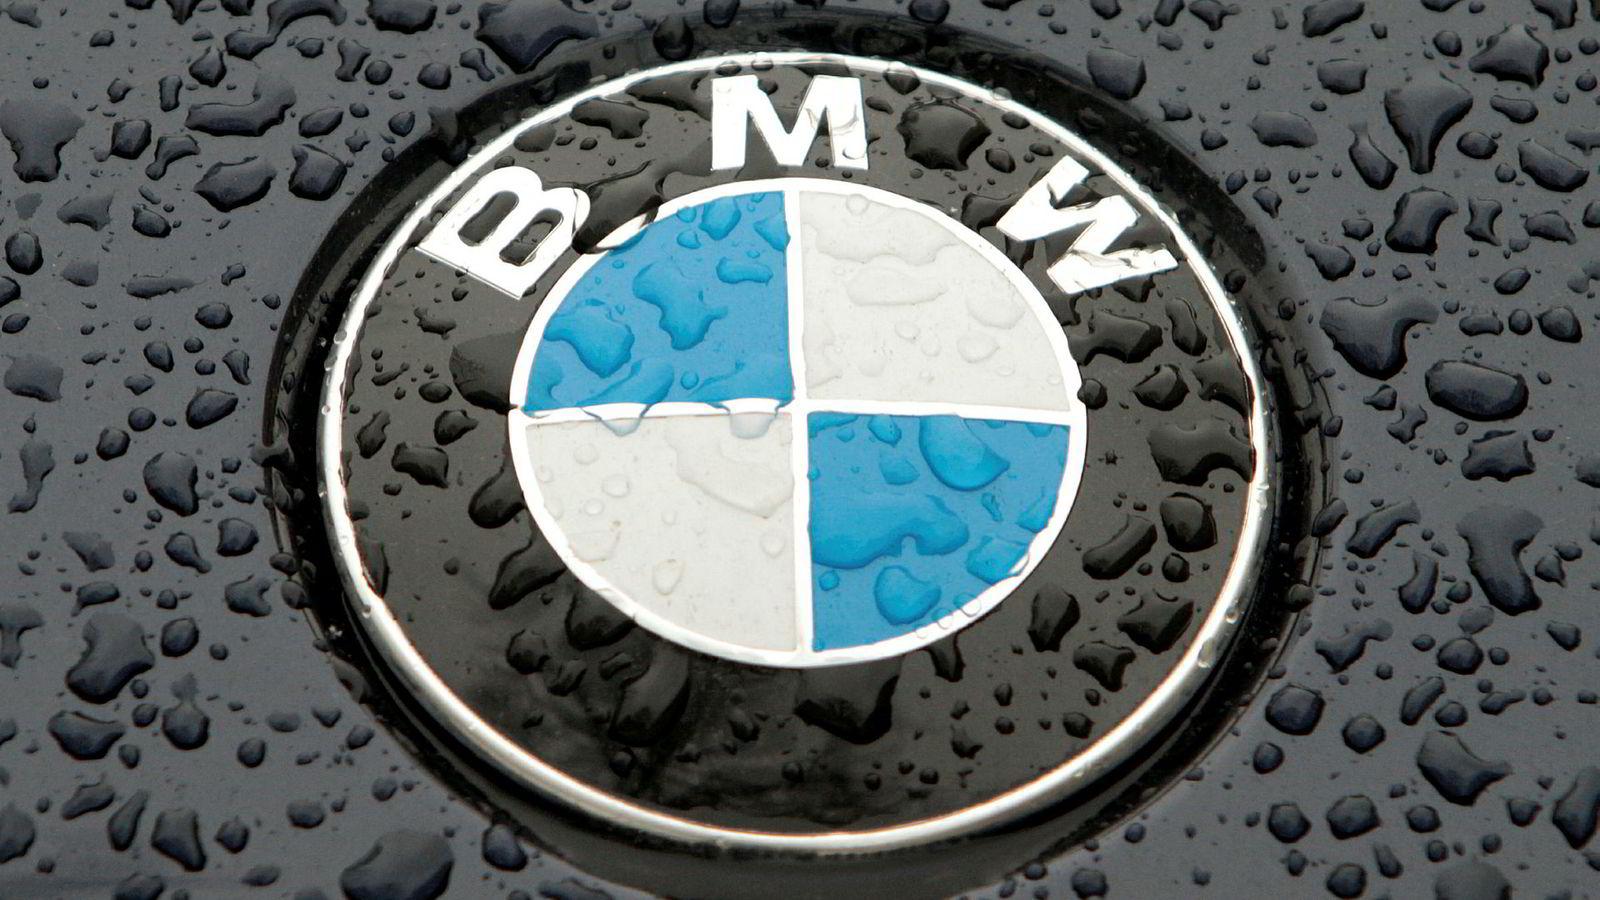 Tusentalls av BMW-biler må gjøre retrett.